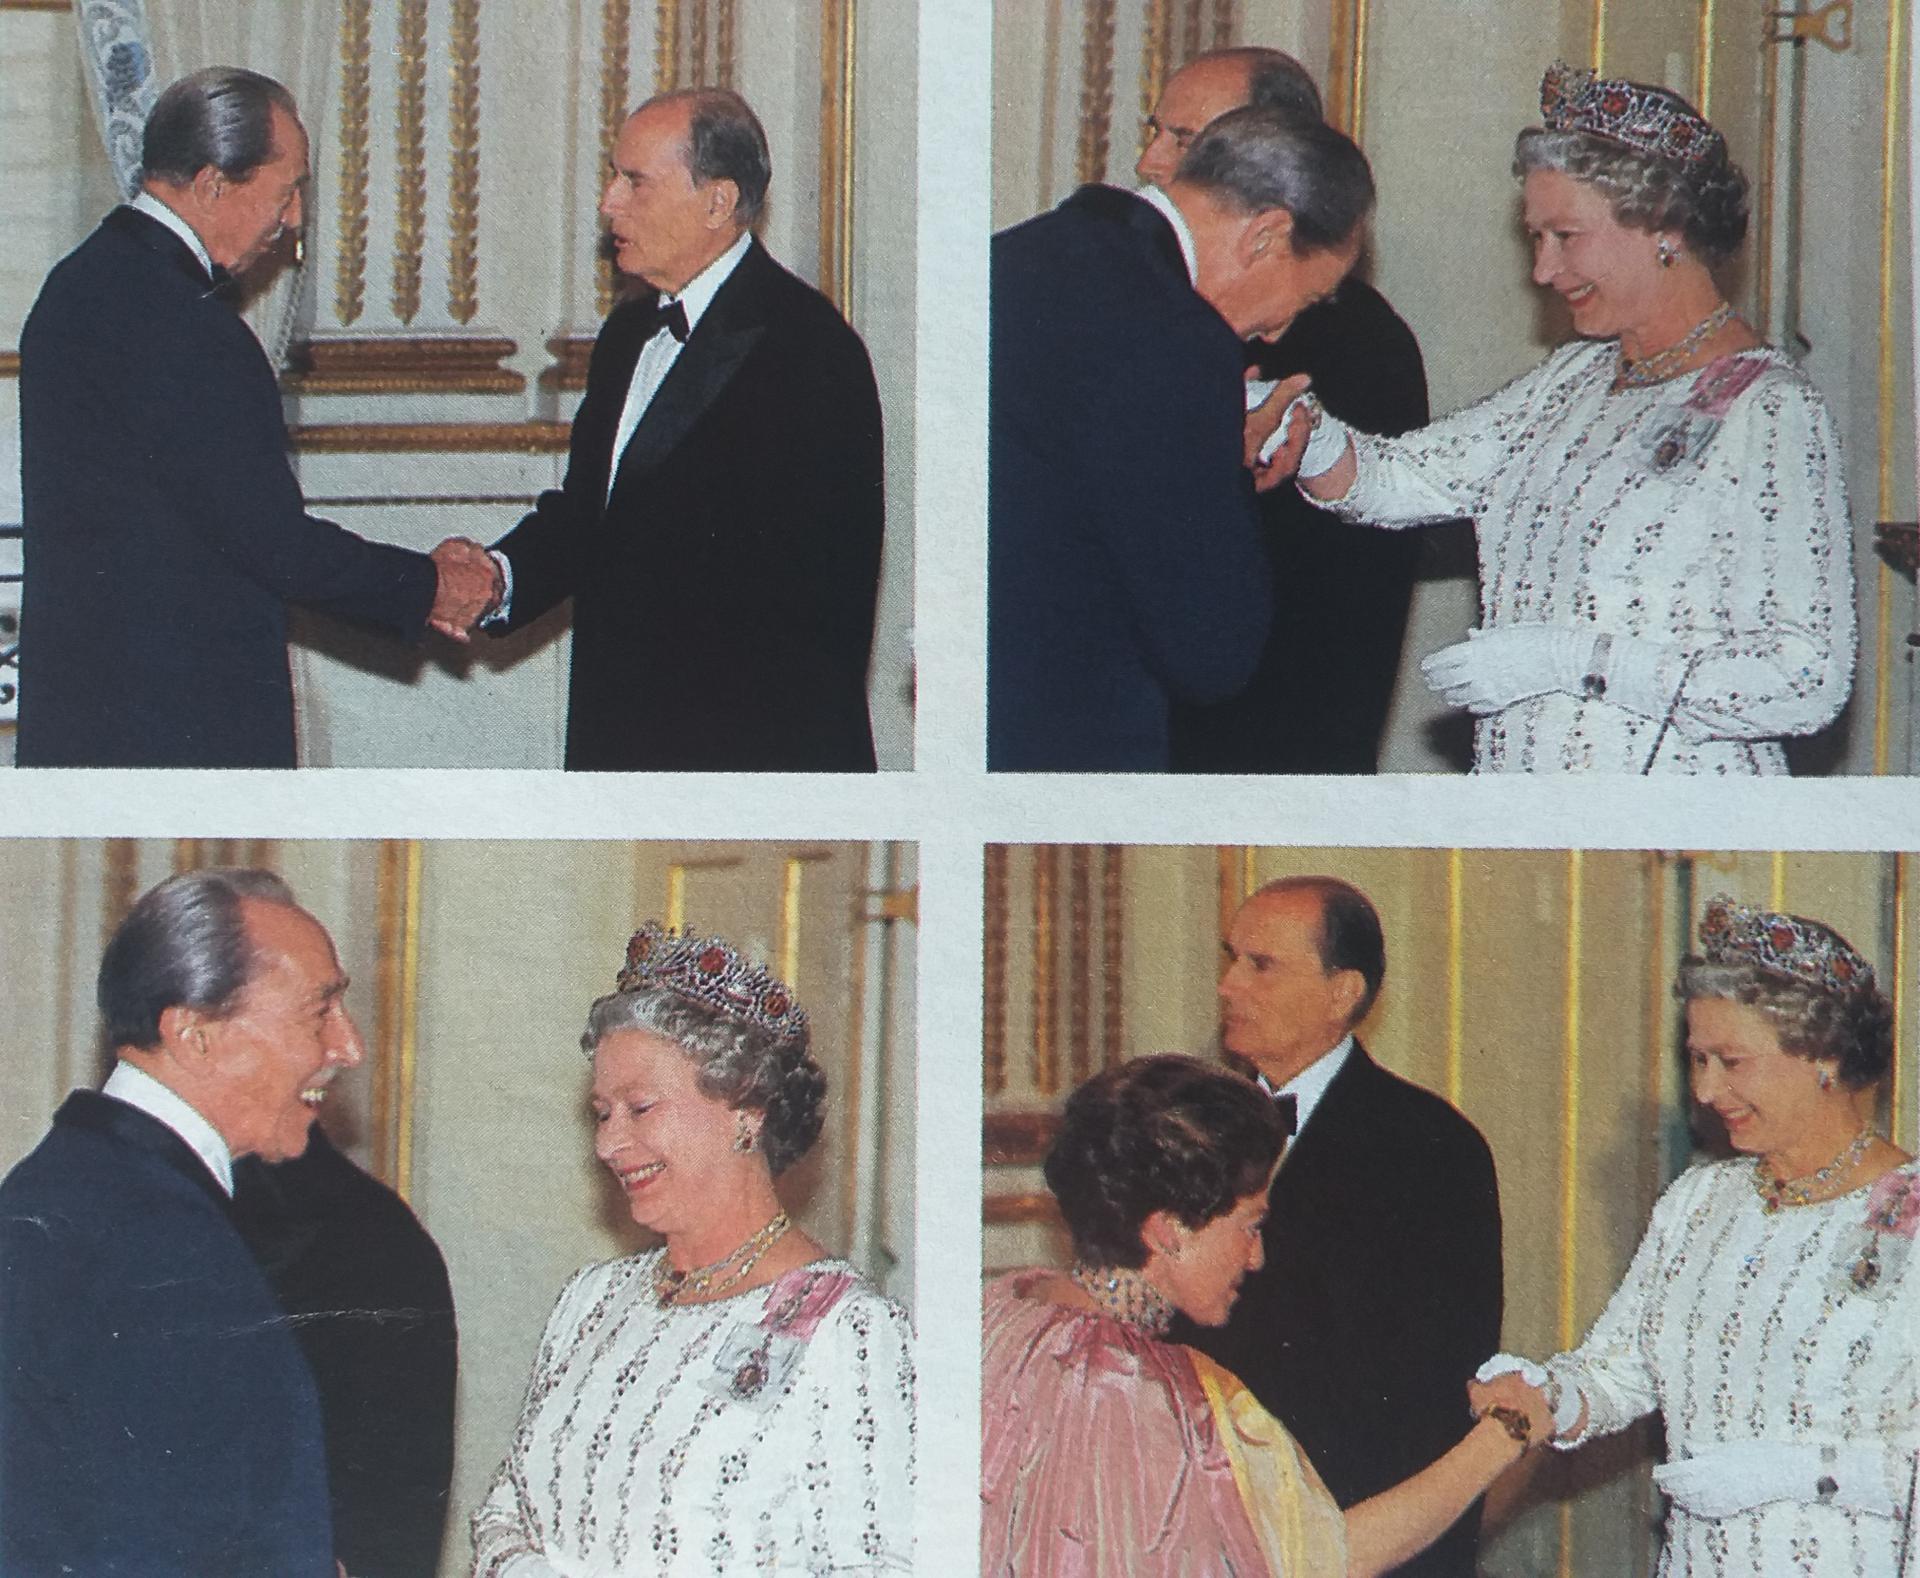 Le prince Henri d'Orléans la princesse Chantal et la reine Elizabeth II, le président Mitterrand @Point de vue Images du Monde